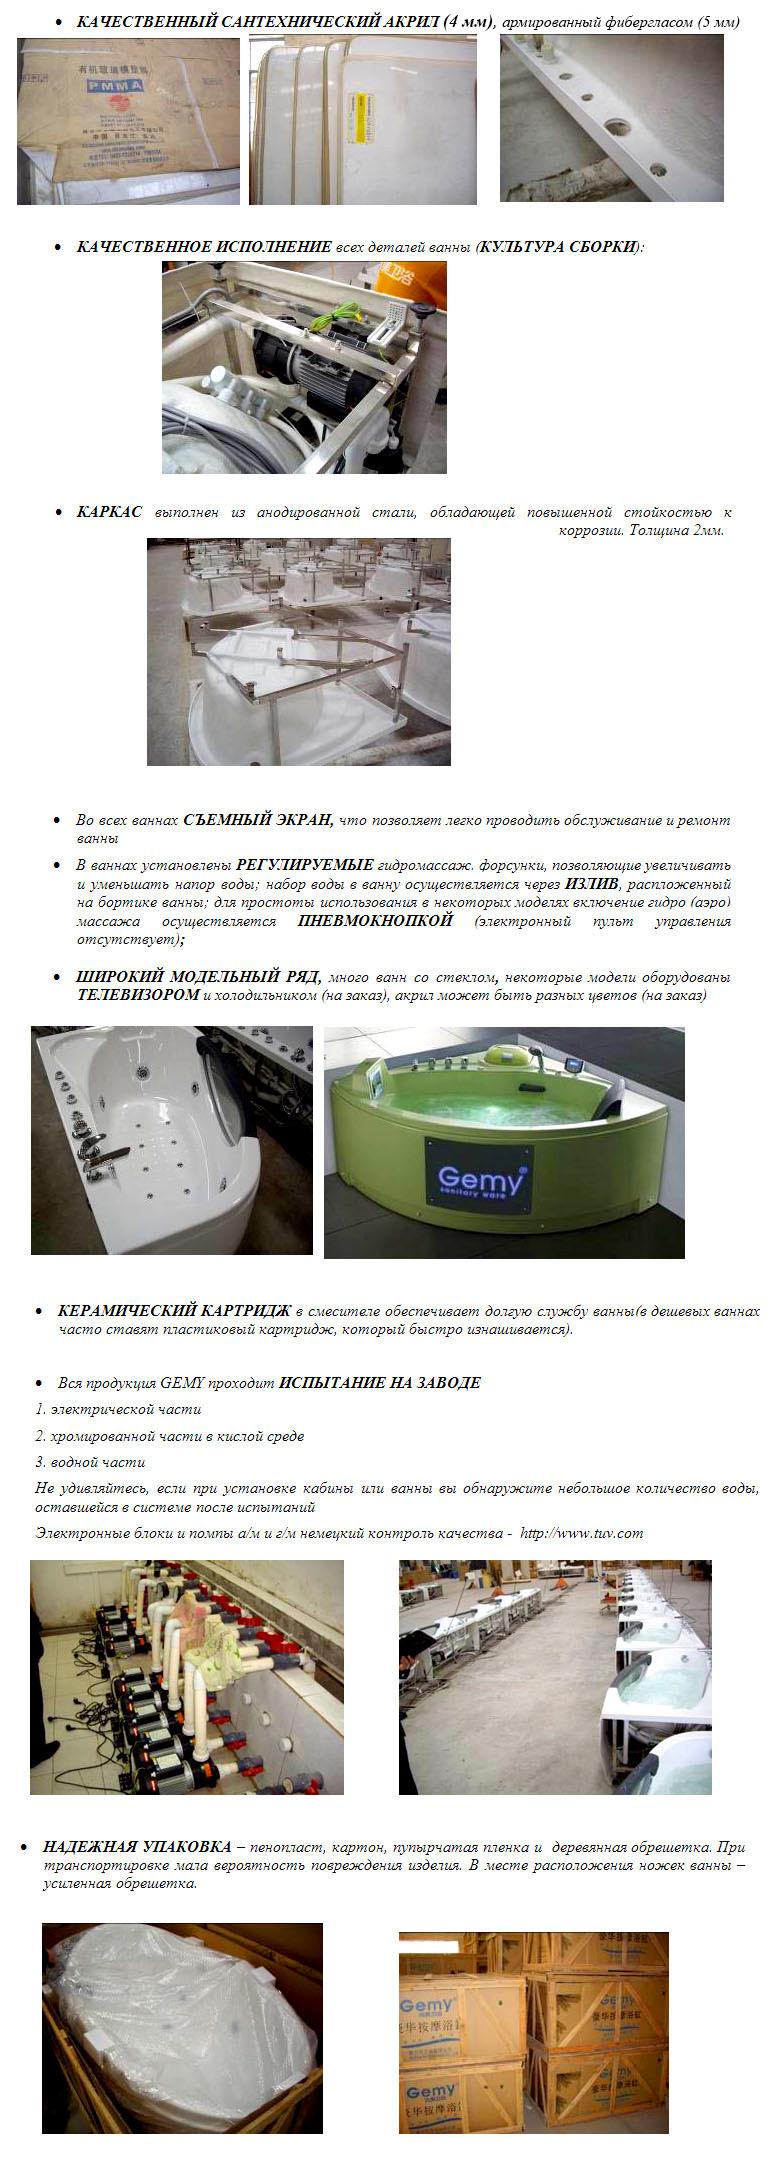 преимущества акриловых ванн Gemy